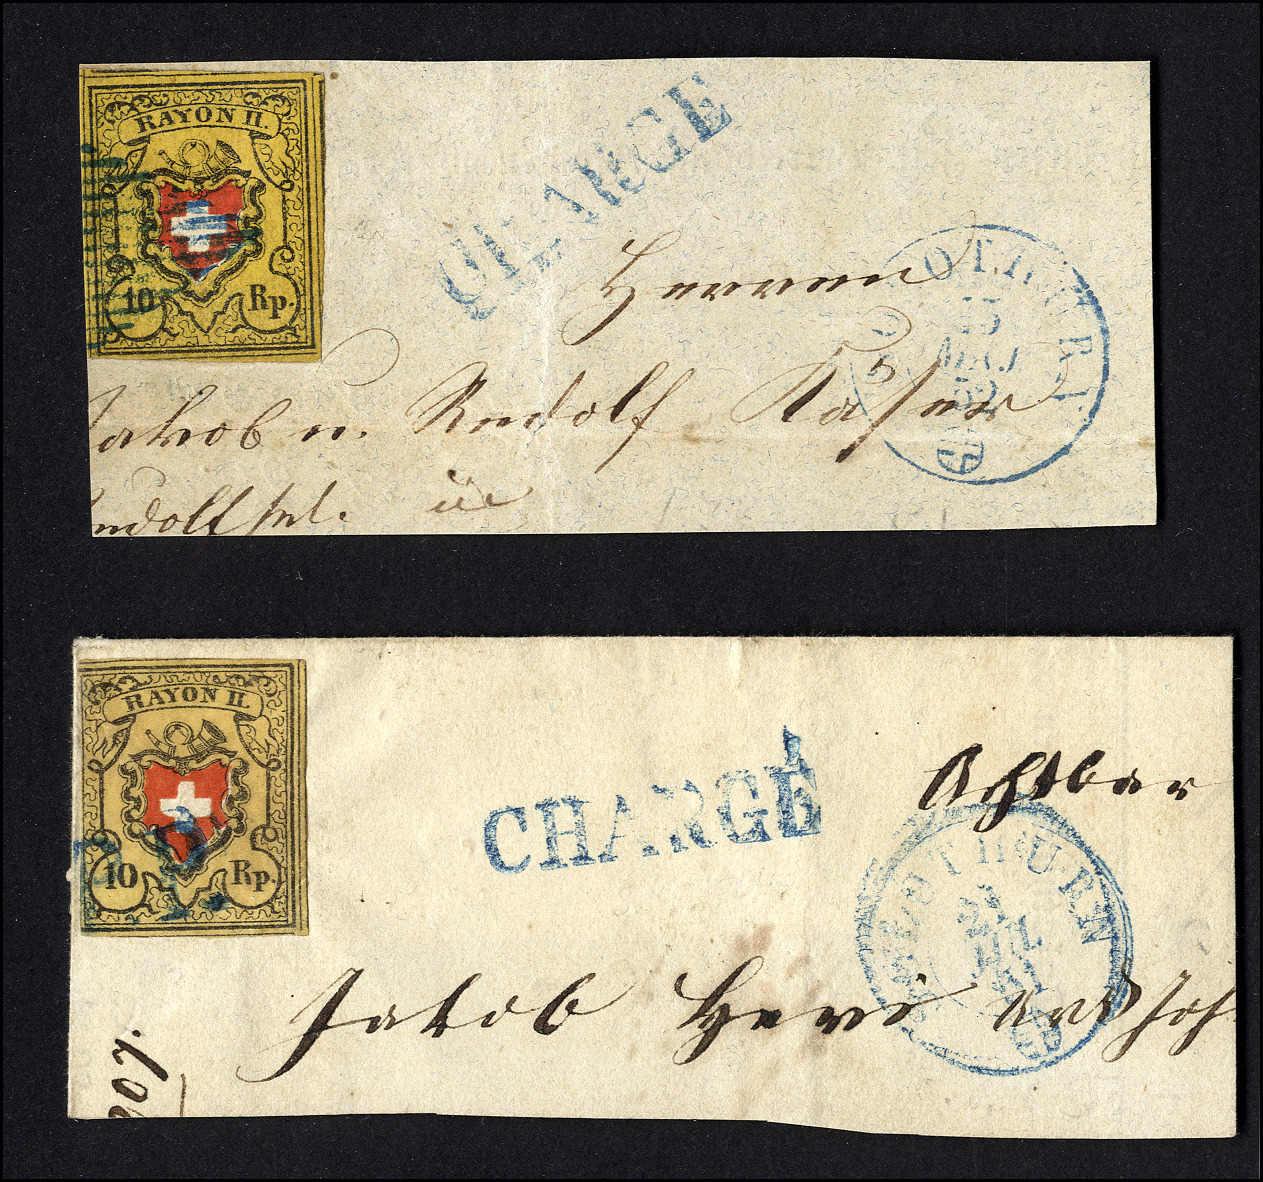 Lot 32 - sammlungen und posten sammlungen und posten altschweiz -  Rolli Auctions Auction #68 Day 1